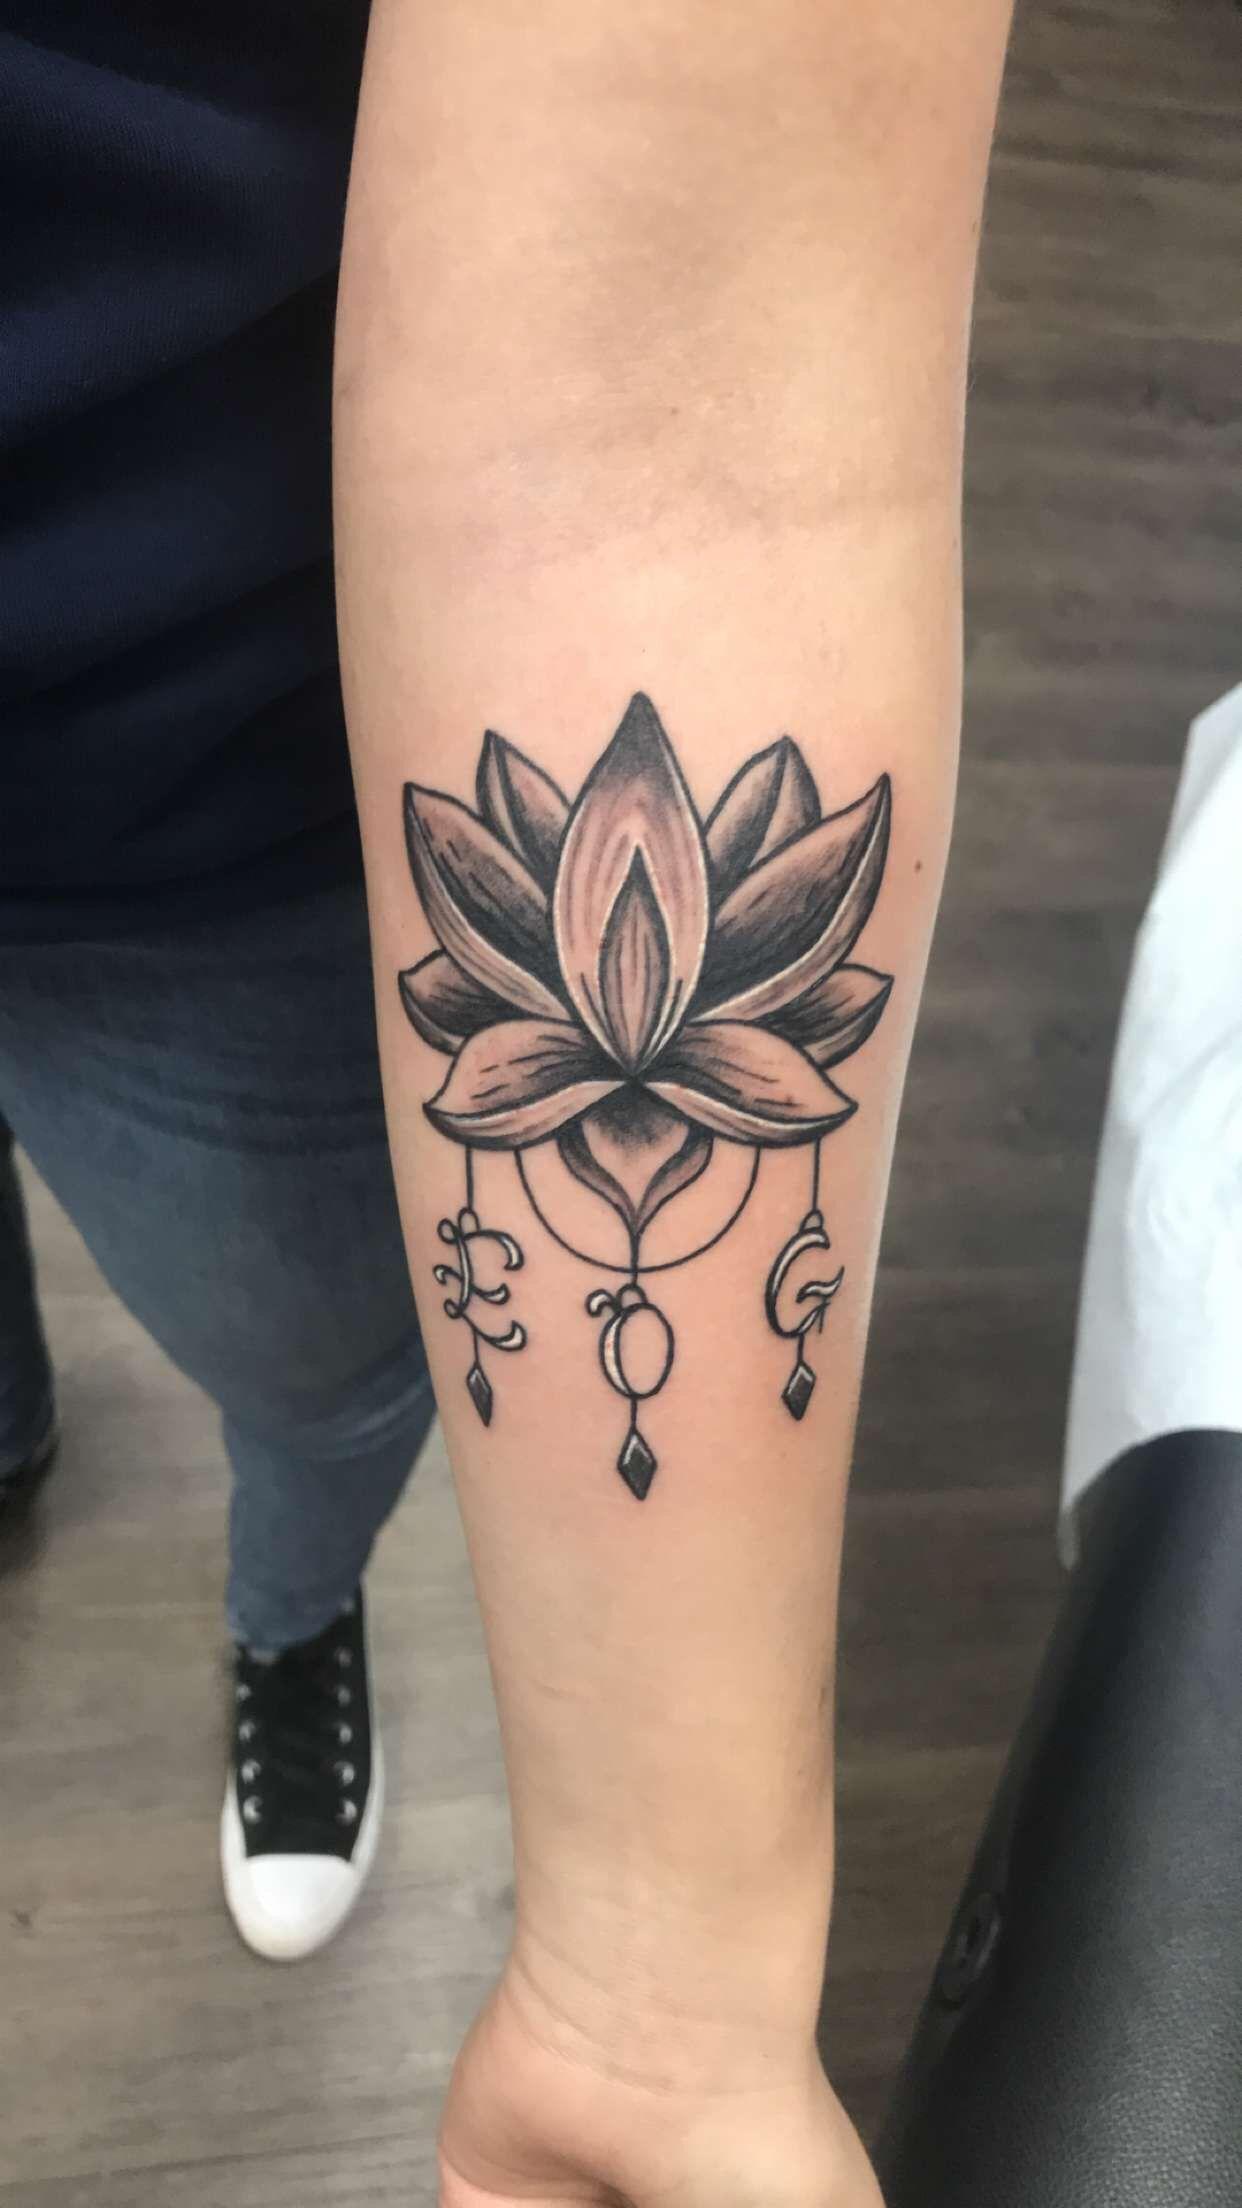 Lotus Flower Tattoo Tattoos Lotus Flower Tattoo Initial Tattoo